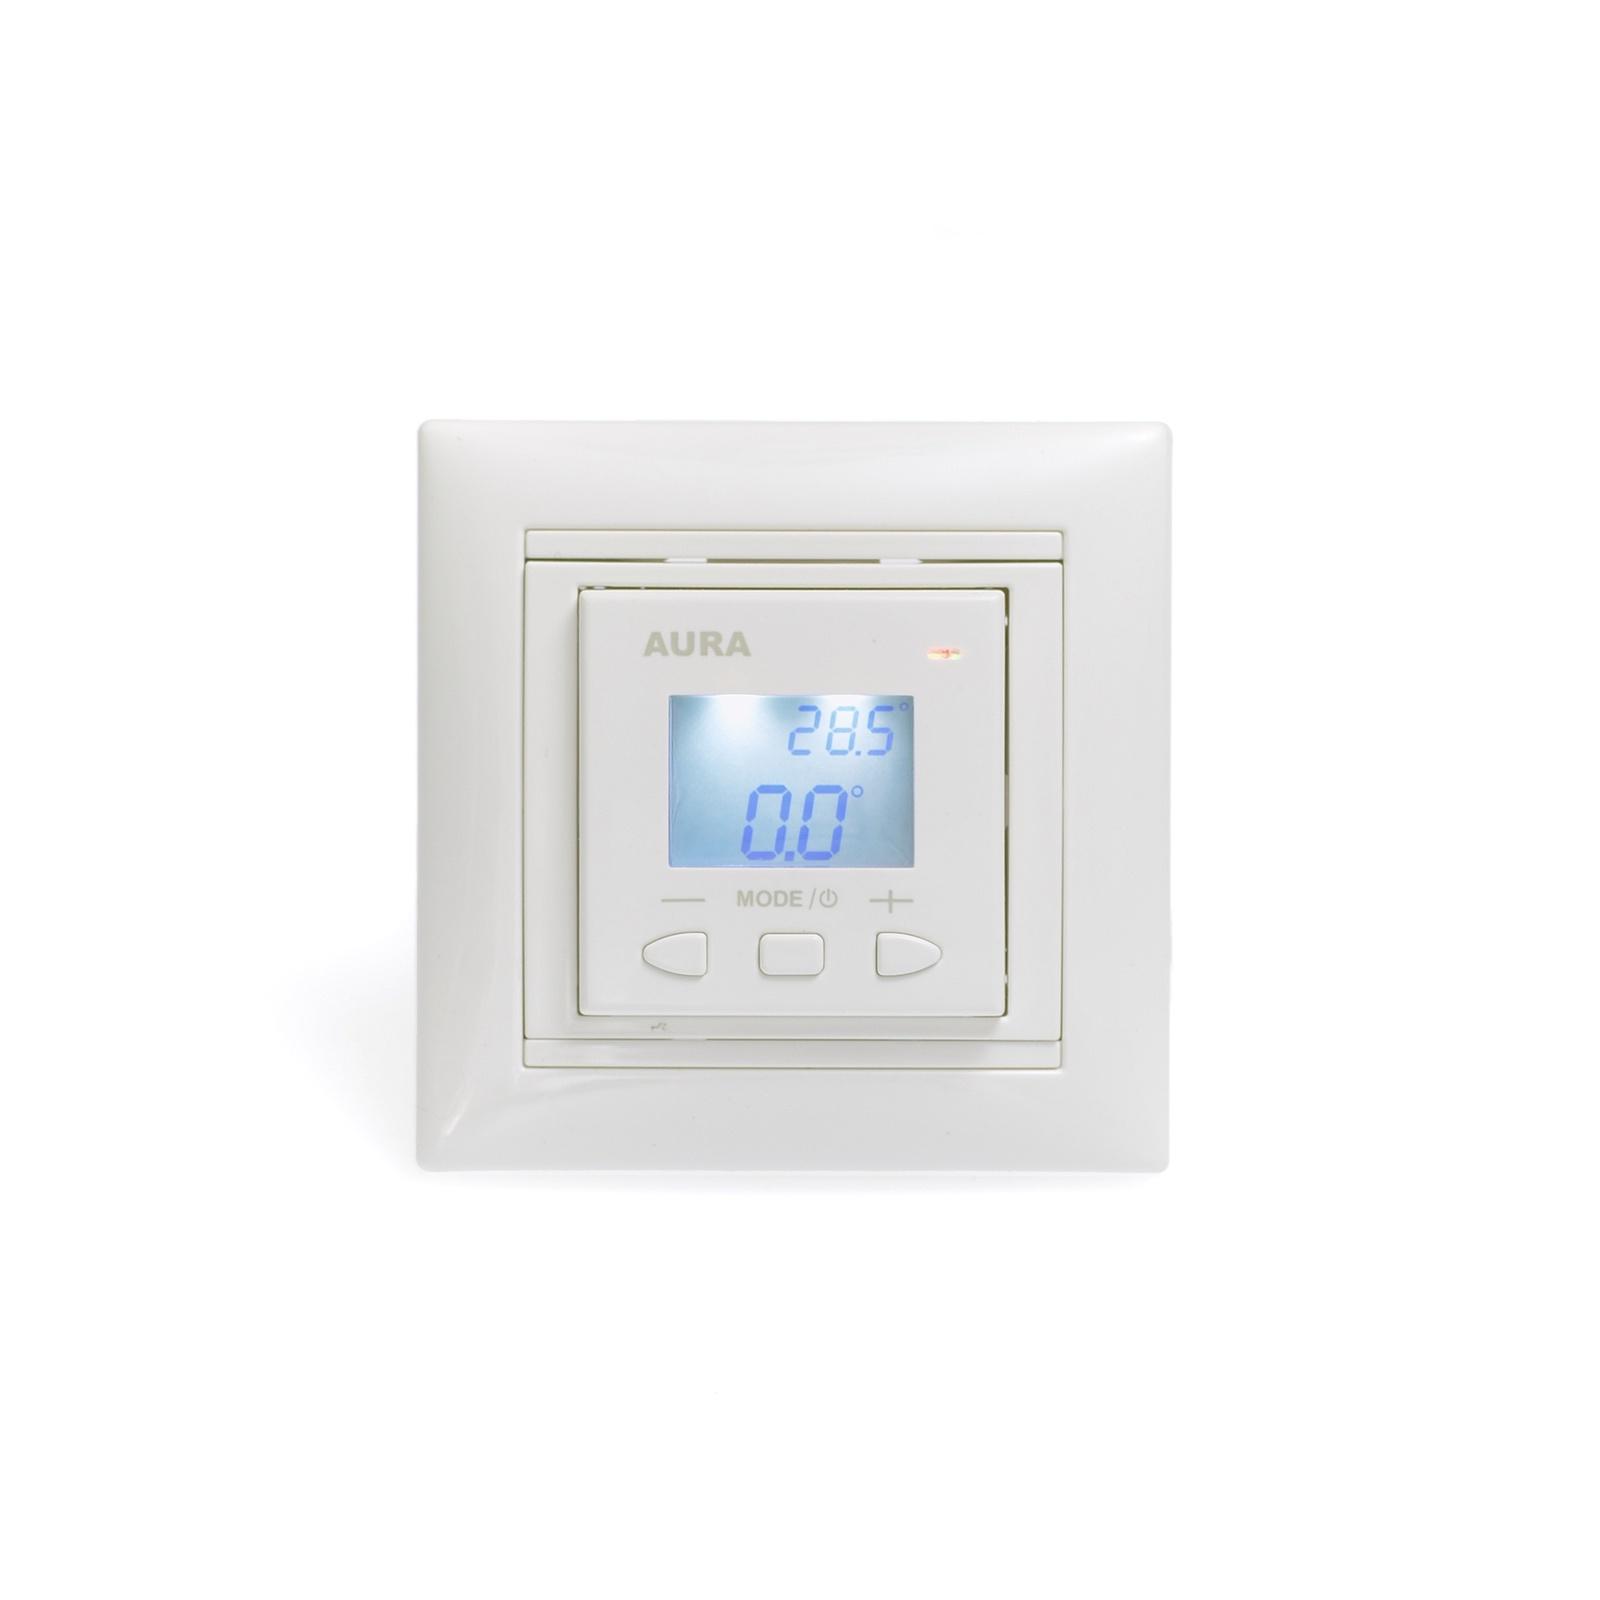 Регулятор теплого пола AURA LTC 070, 3201070, белый стоимость